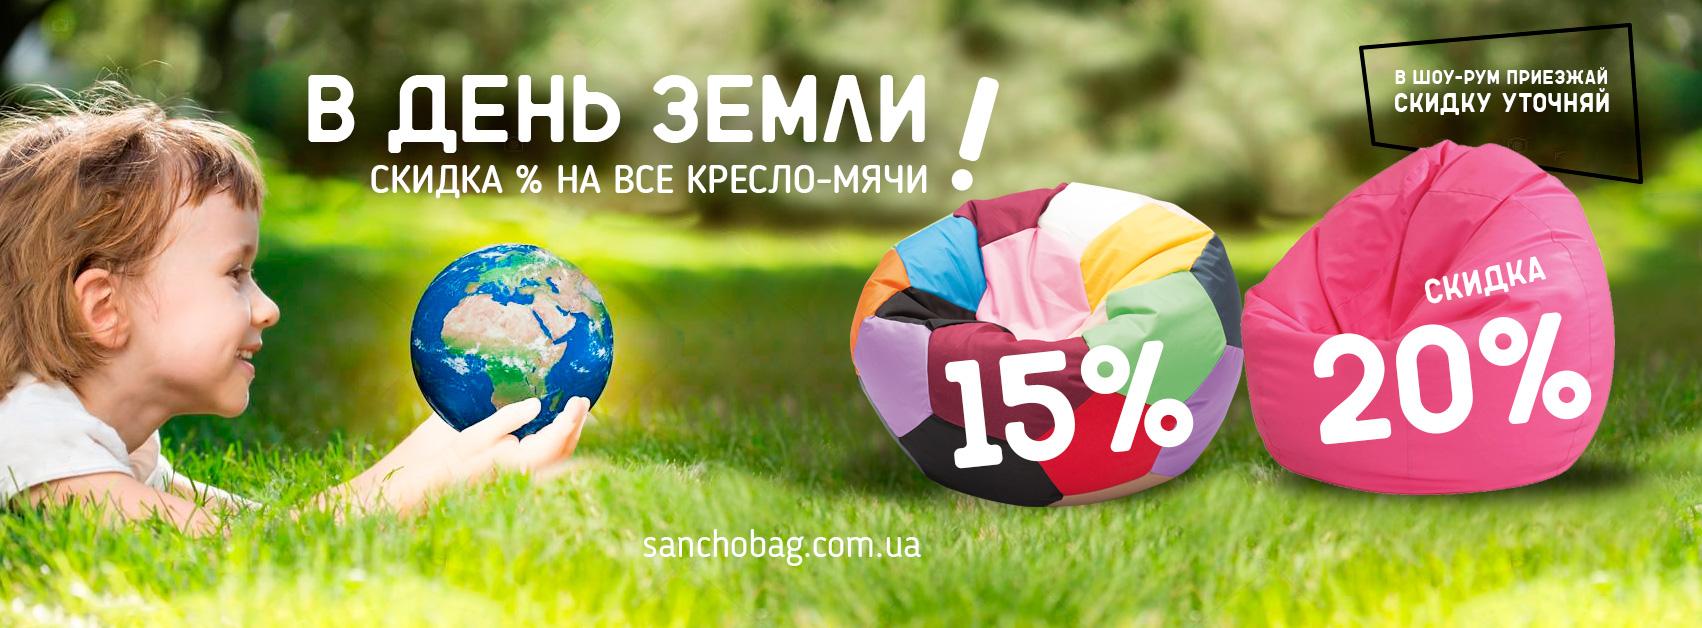 В День Земли скидка на все кресло-мячи -15% и -20%. SanchoBag